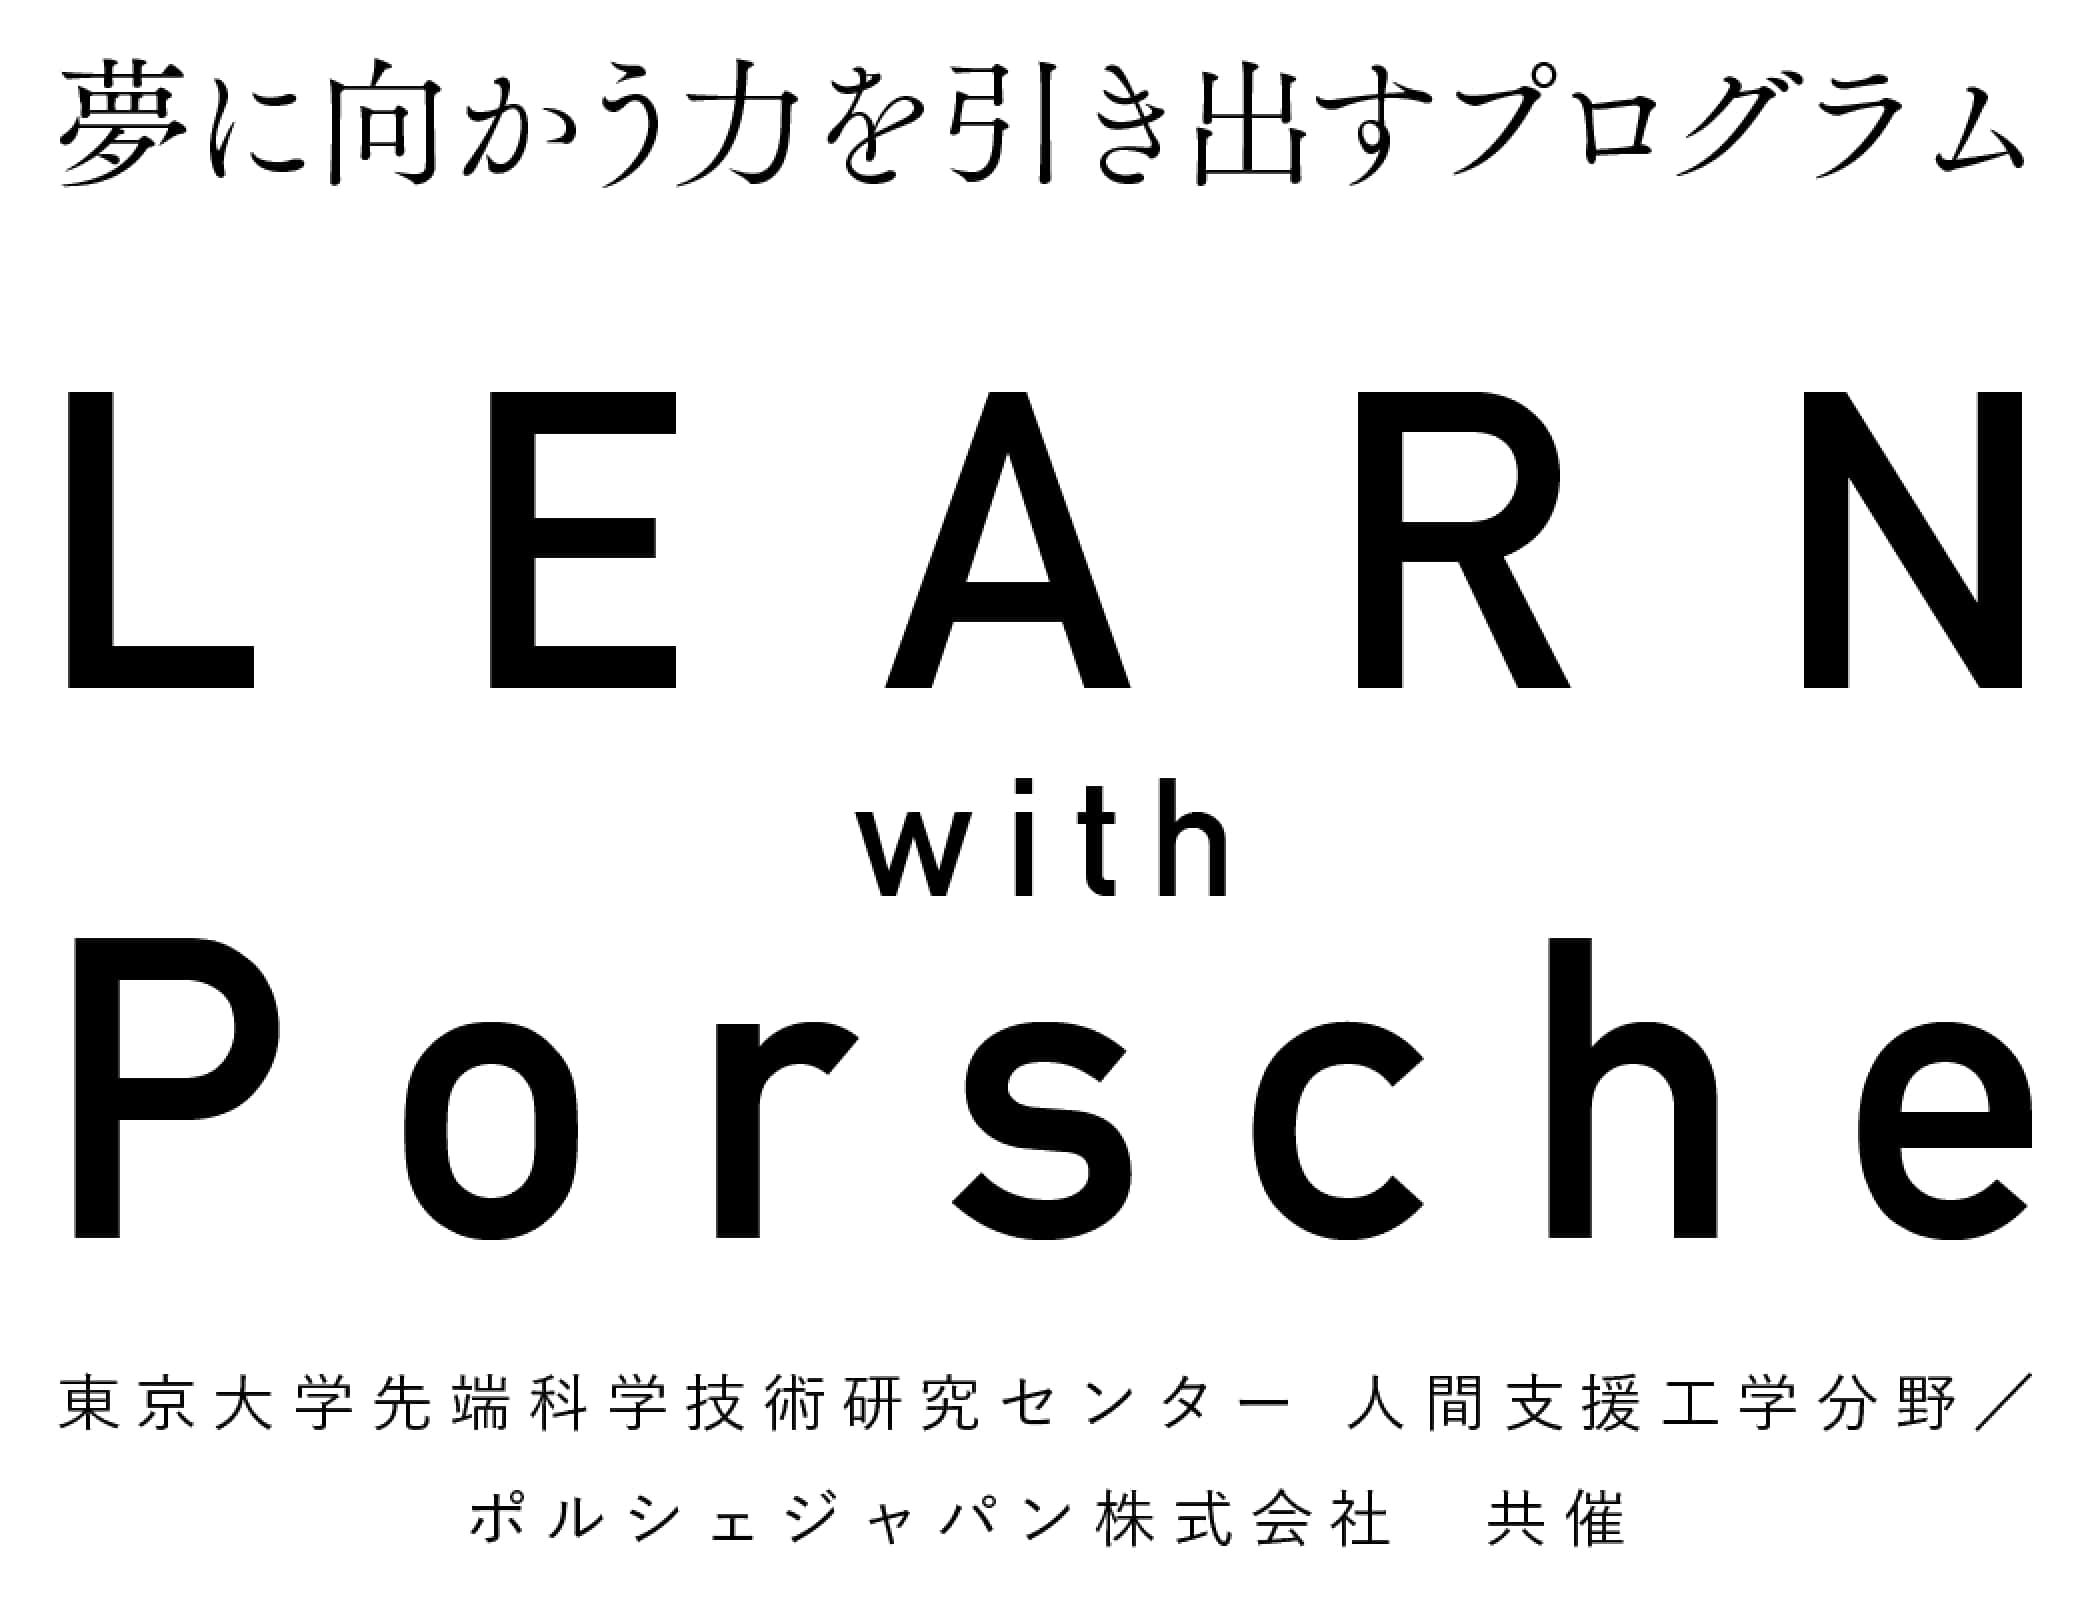 夢に向かう力を引き出すプログラム LEARN with Porsche2021